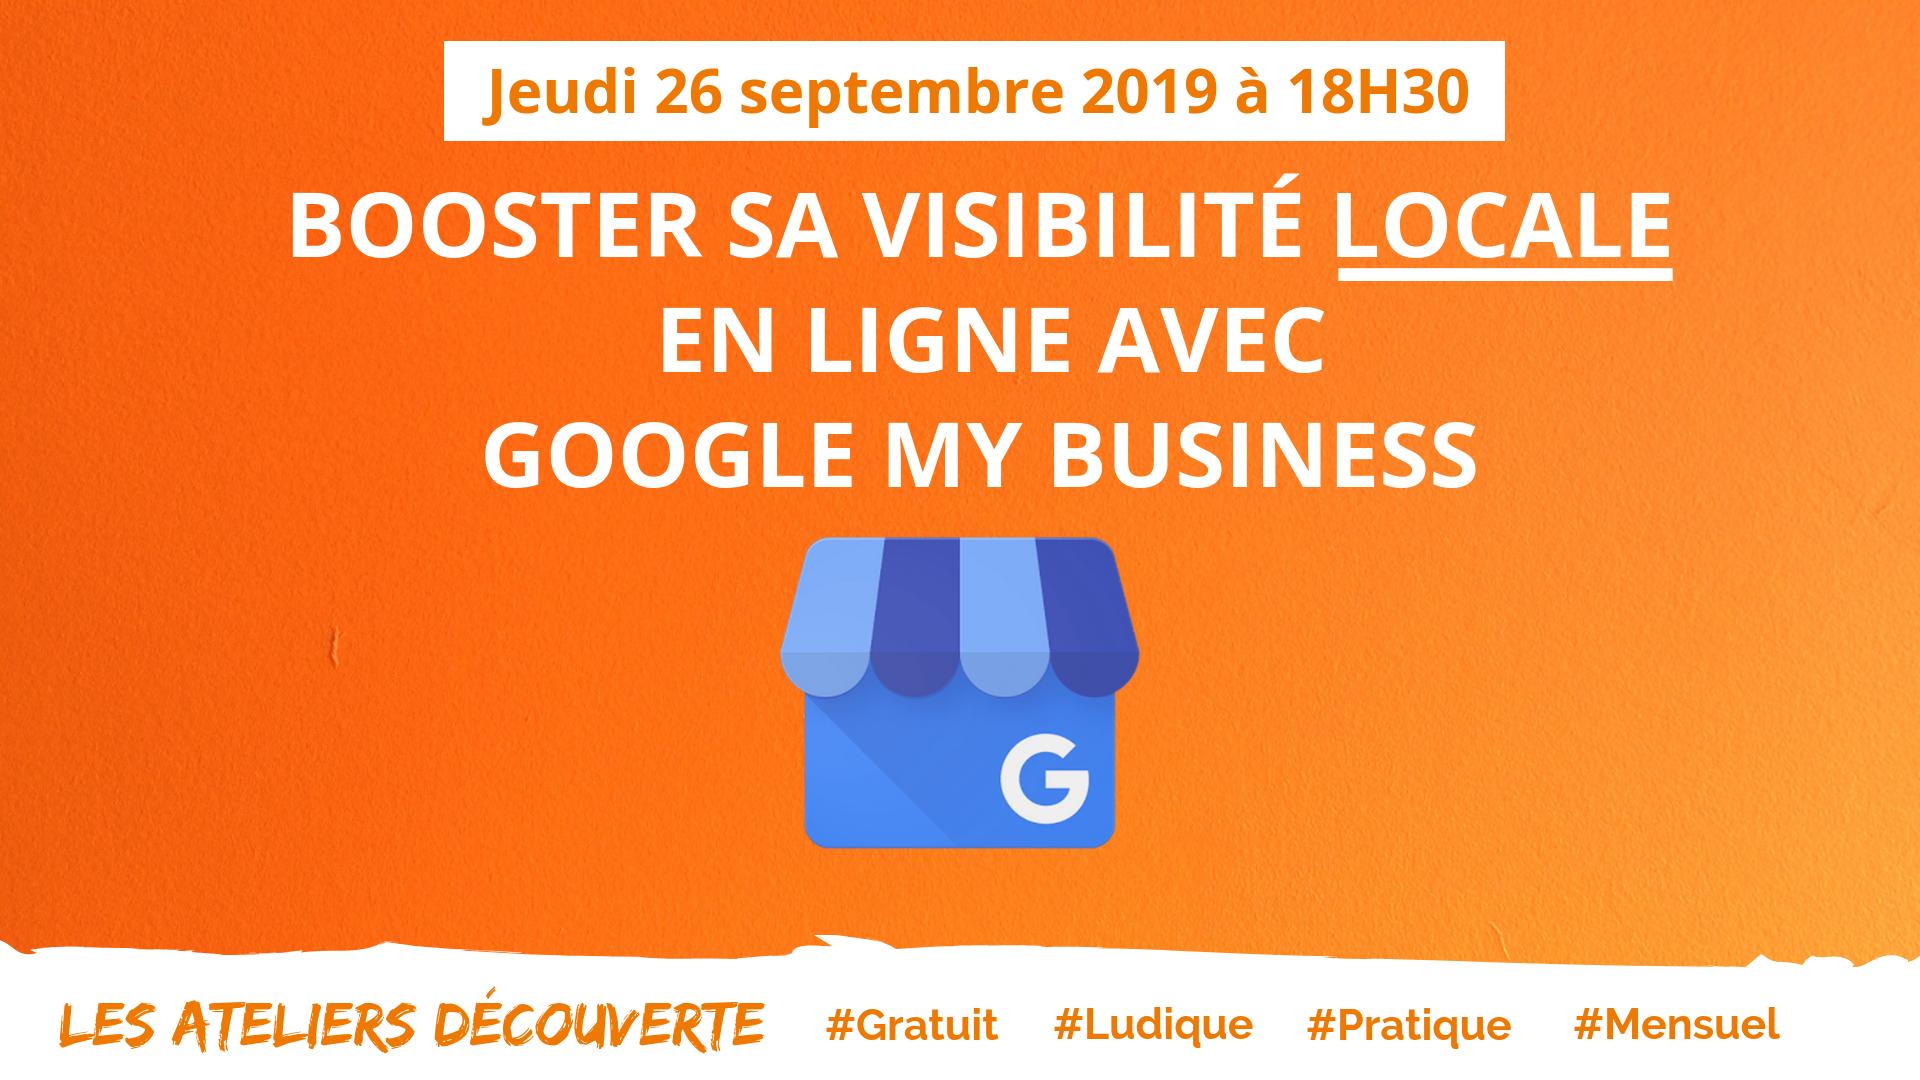 Atelier découverte : Booster sa visibilité local en ligne avec Google My Business